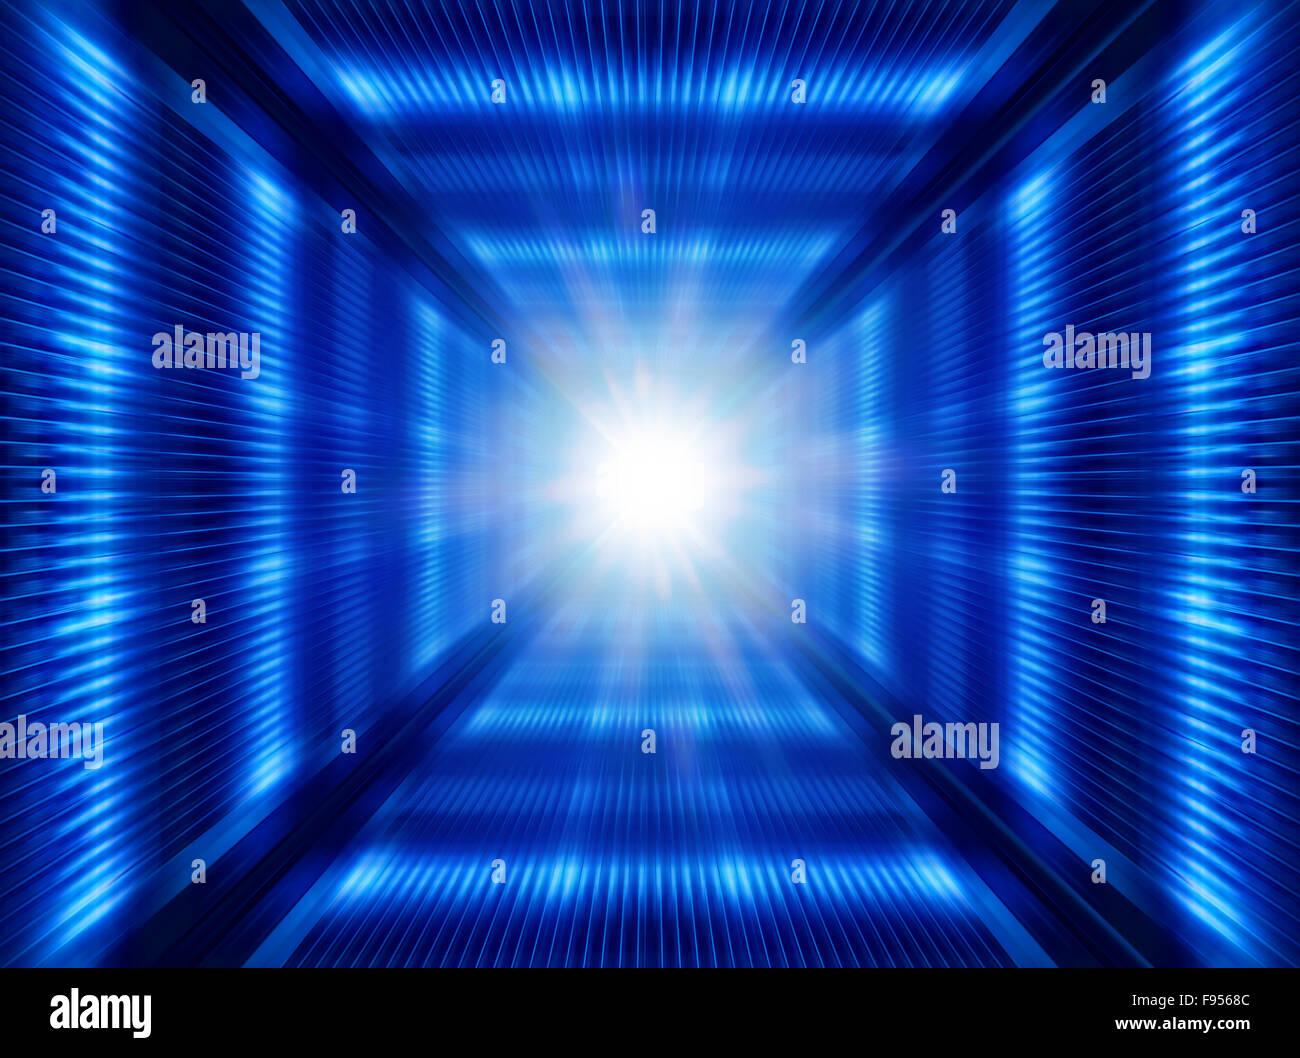 gefettete hellen bunten abstrakten Hintergrund, futuristische Abbildung Stockbild